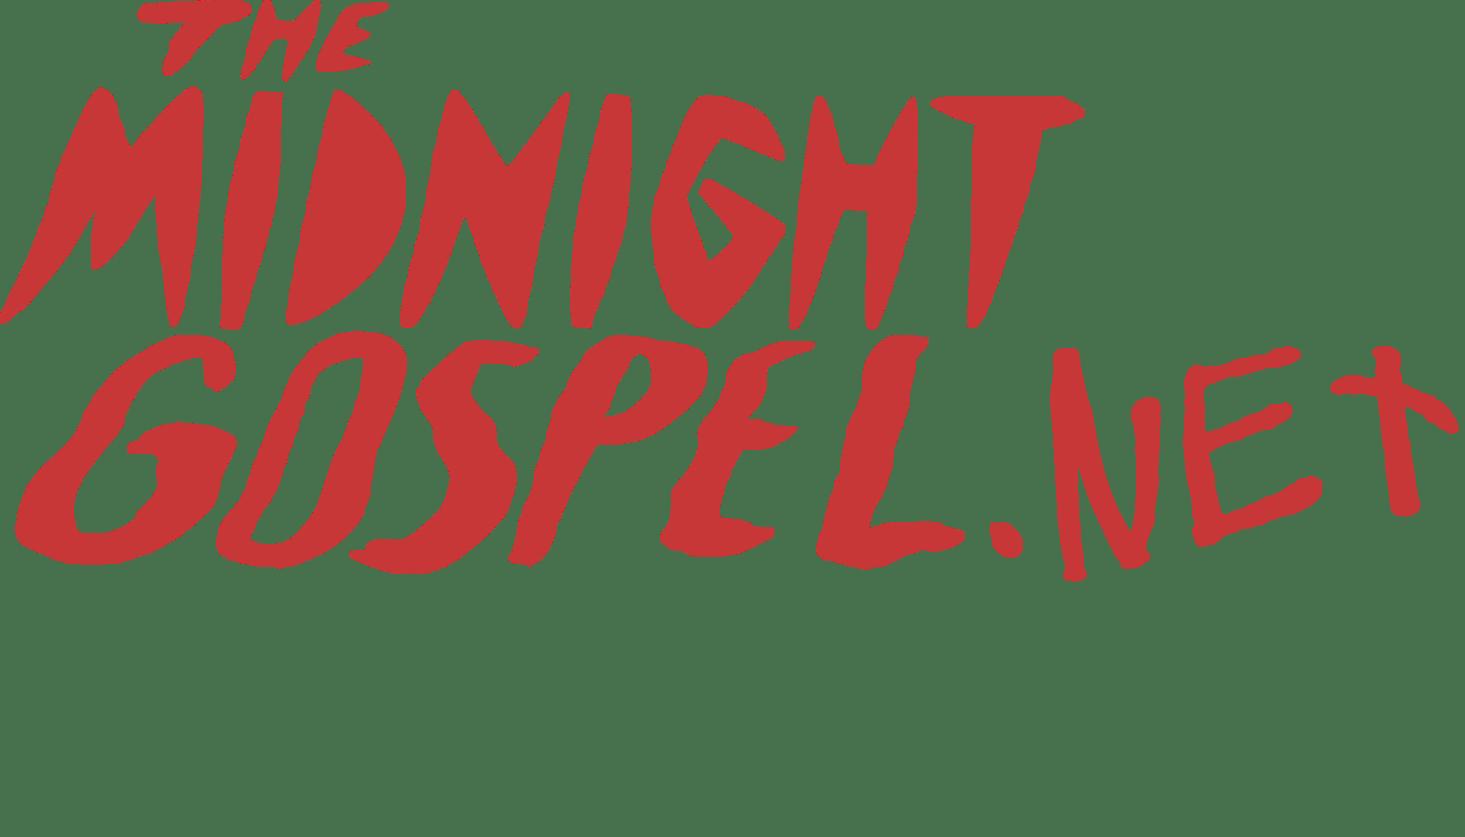 MidnightGospel.net